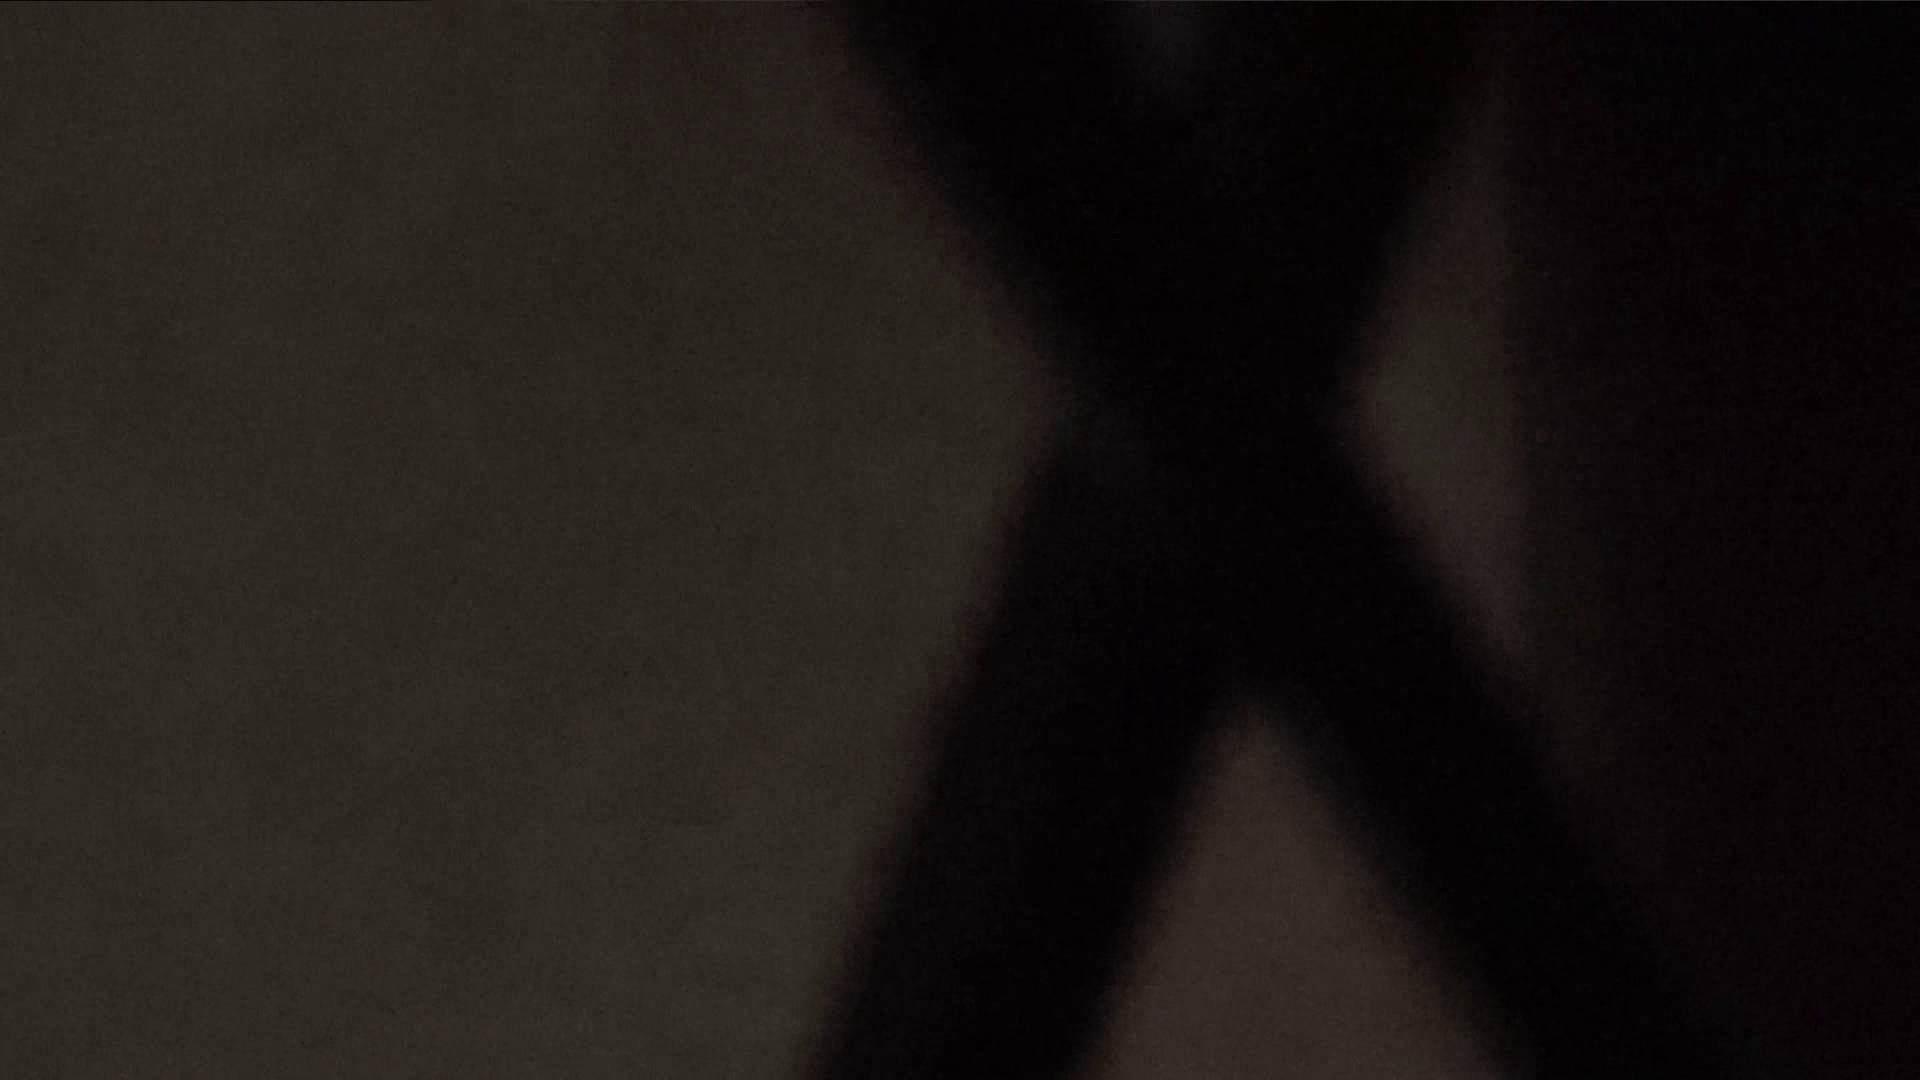 民家の騎士さんの最後の性戦ハイビジョン!!No.65 プライベート 盗撮動画紹介 89画像 67